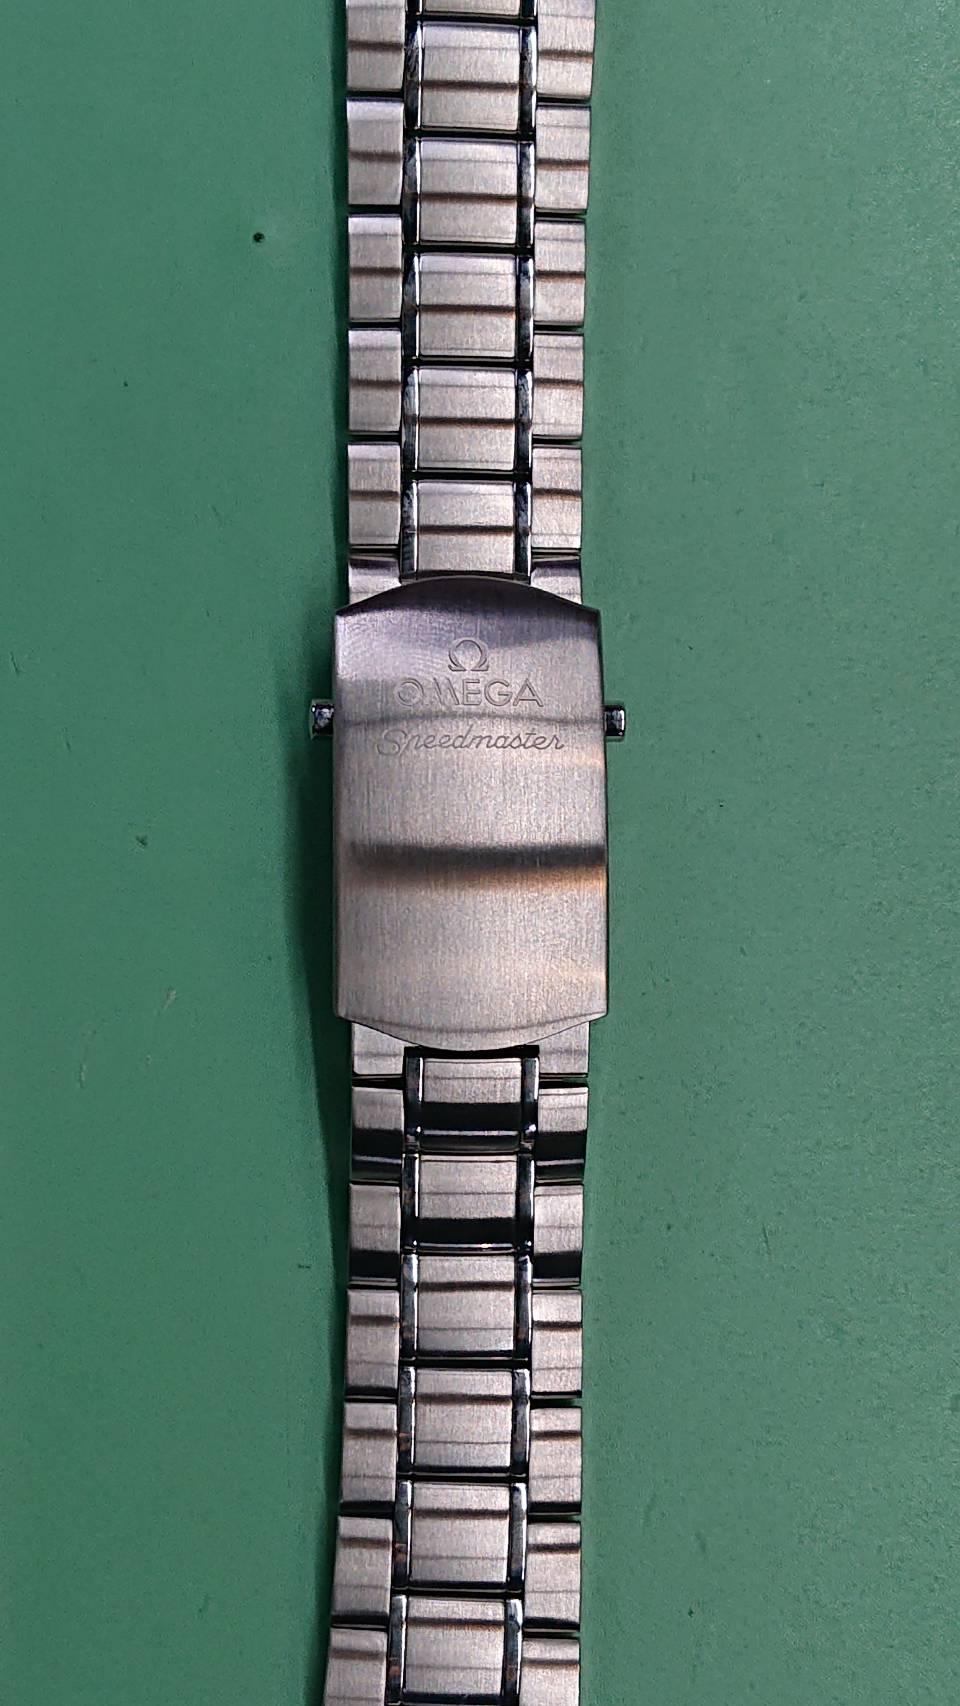 オメガ スピードマスター オーバーホール(分解掃除)、ポリッシュは新潟市ブローチ時計修理工房へ!